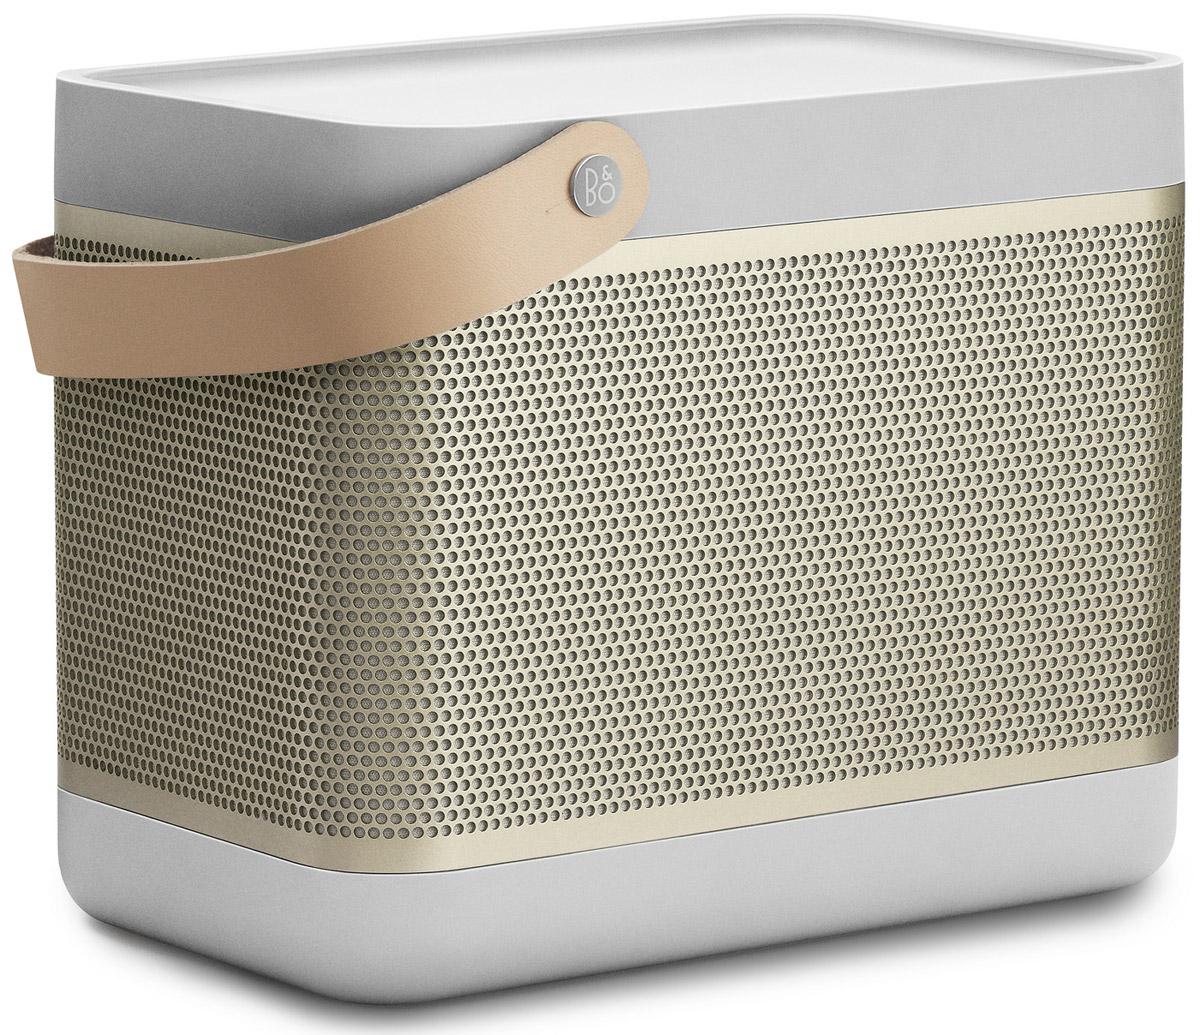 Bang & Olufsen Beolit 15, Champagne портативная акустическая система1287632Bang & Olufsen Beolit 15 - это современная компактная аудиосистема c безупречным дизайном в лучших традициях B&O. Она сочетает в себе максимальную производительность, надежность и функциональность.Инновационная технология передачи звука True360 позволяет использовать её дома в офисе и даже на открытом воздухе, звука будет достаточно благодаря 240 ваттам пиковой мощности. Емкий аккумулятор на 18 Вт/ч позволит слушать музыку на протяжении 24 часов без подзарядки.Быстрое беспроводное подключение Bluetooth 4.0 гарантирует высокое качество передачи потокового аудио. Bang & Olufsen Beolit 15 запоминает до 8 пользователей и может быть подключена к 2-м устройствам одновременно, тем самым на вечеринке вы сможете устроить ди-джей баттл с друзьями. Так же имеется USB-порт, который можно использовать для зарядки мобильных устройств.Мощность усилителей: 2 x 35 ВтЕмкость аккумулятора: 2200 мАч